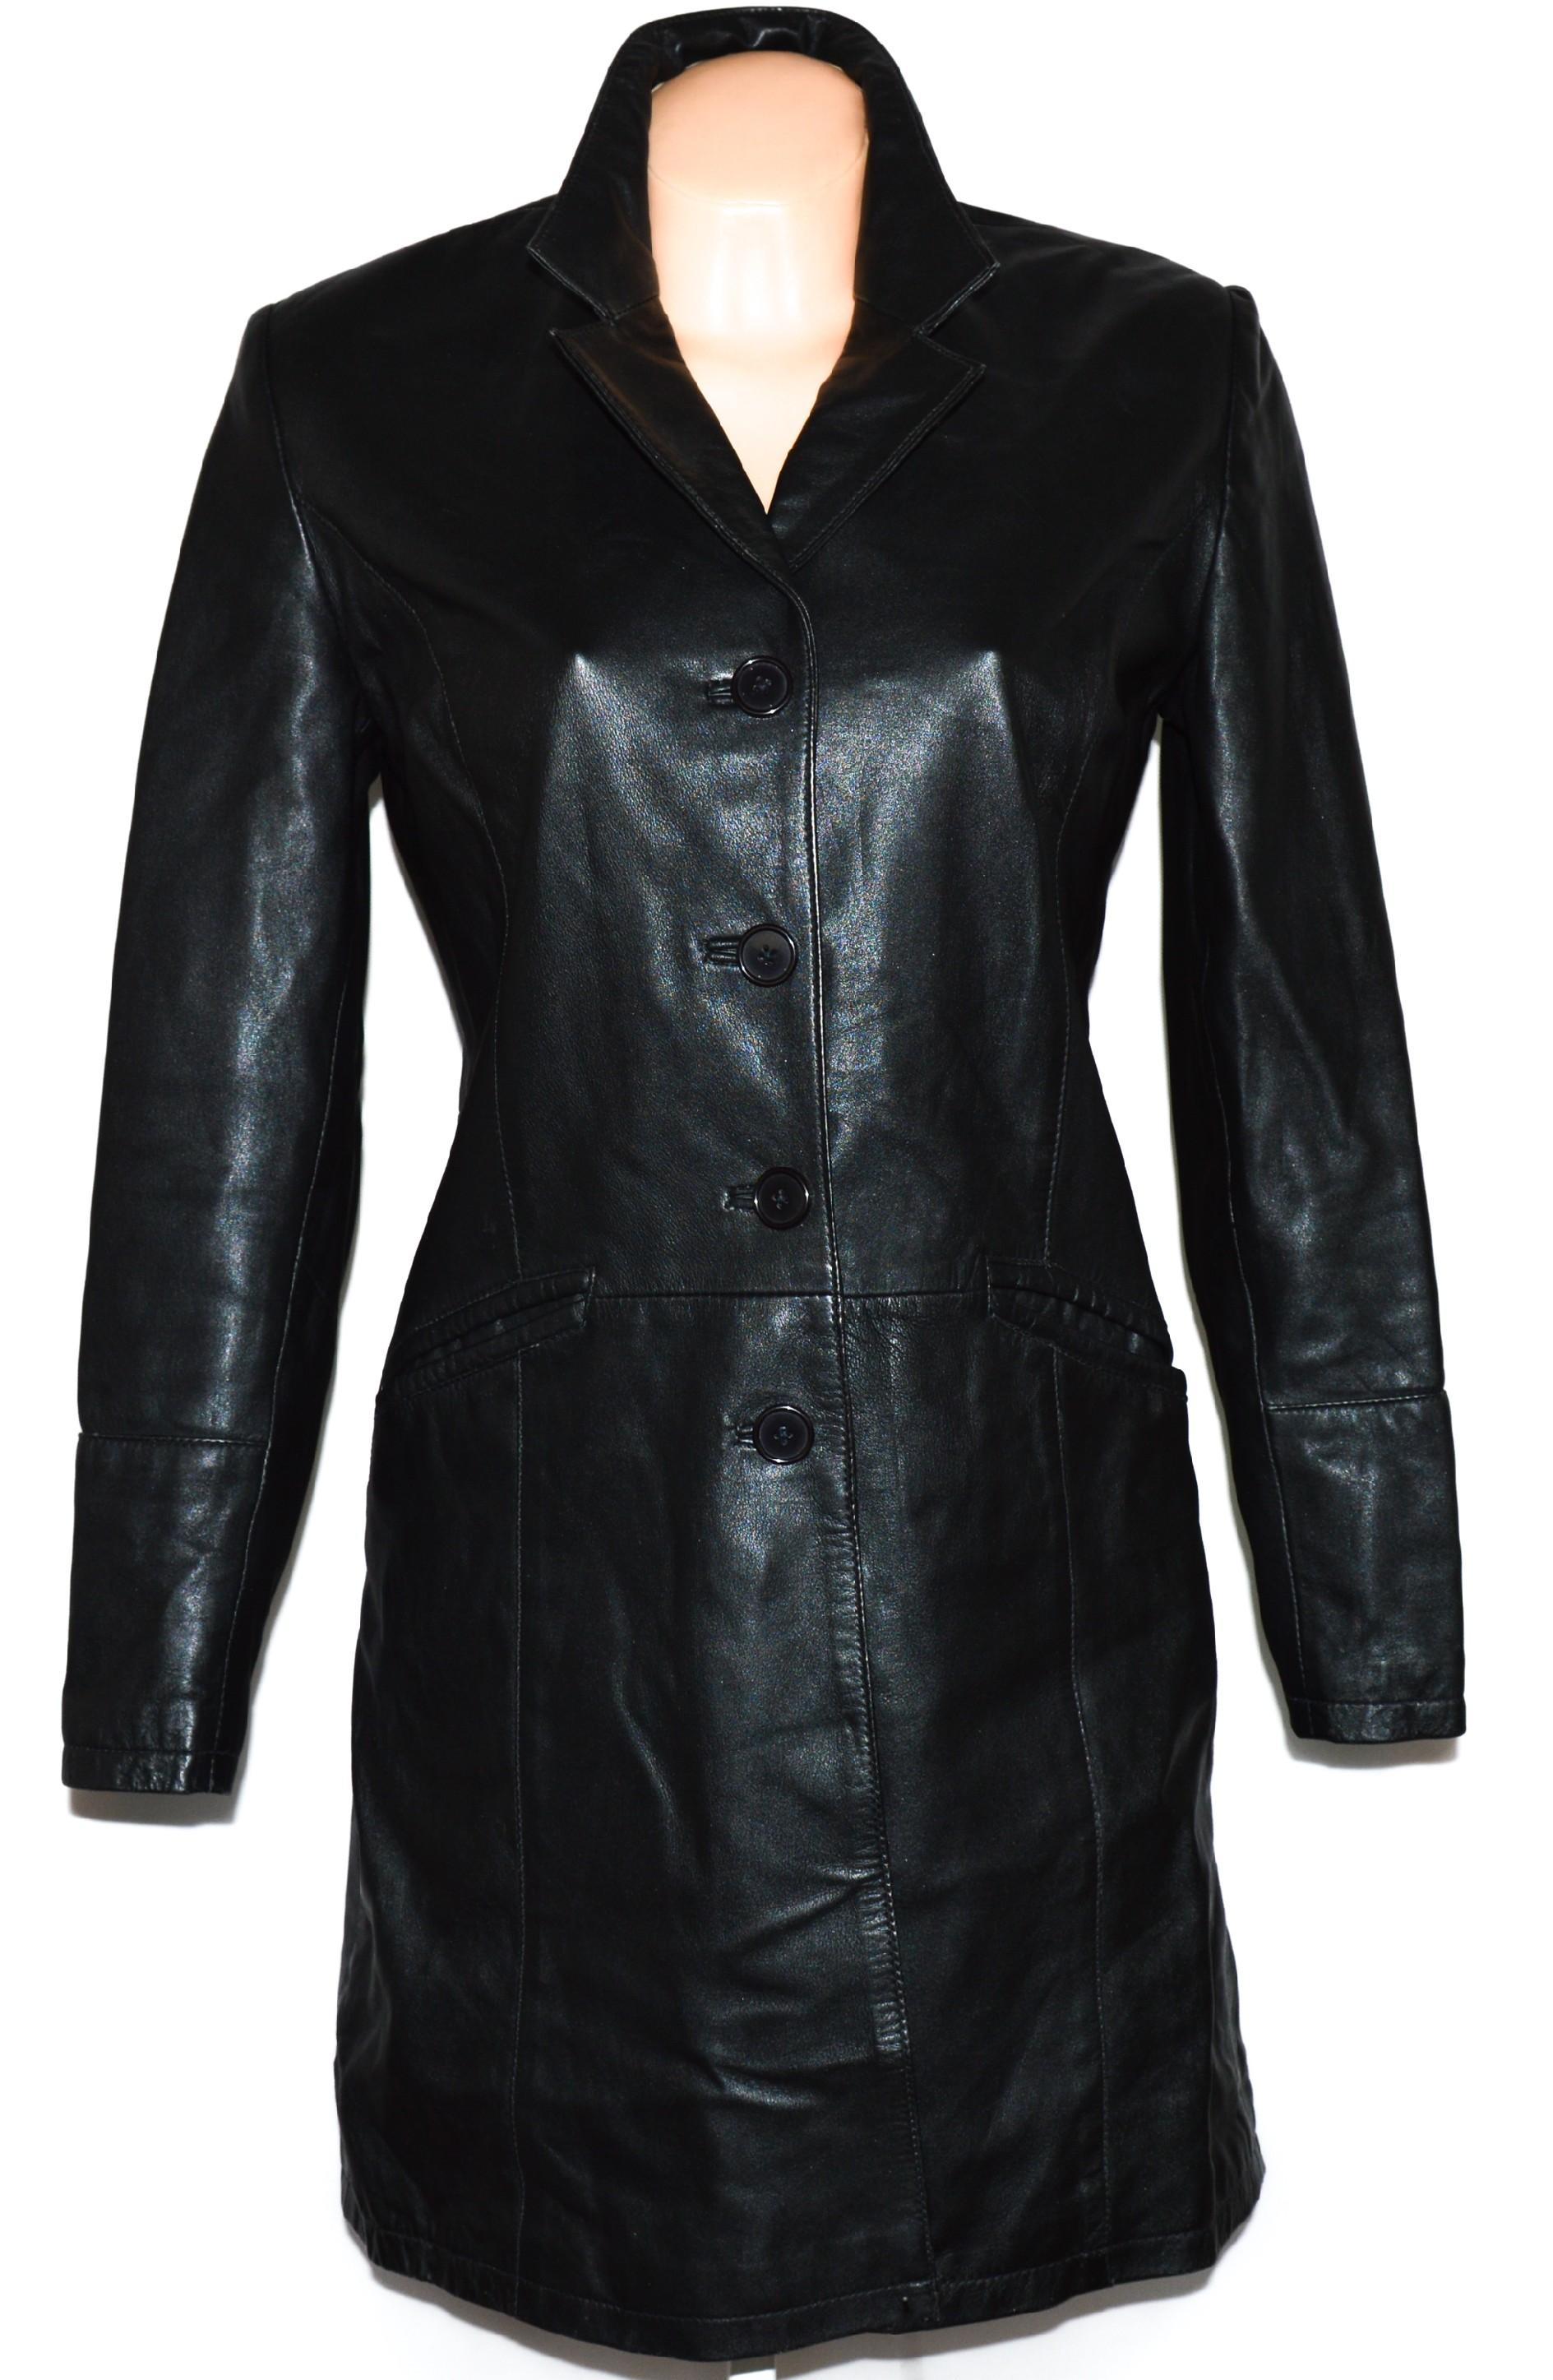 KOŽENÝ dámský černý měkký kabát Hollies L